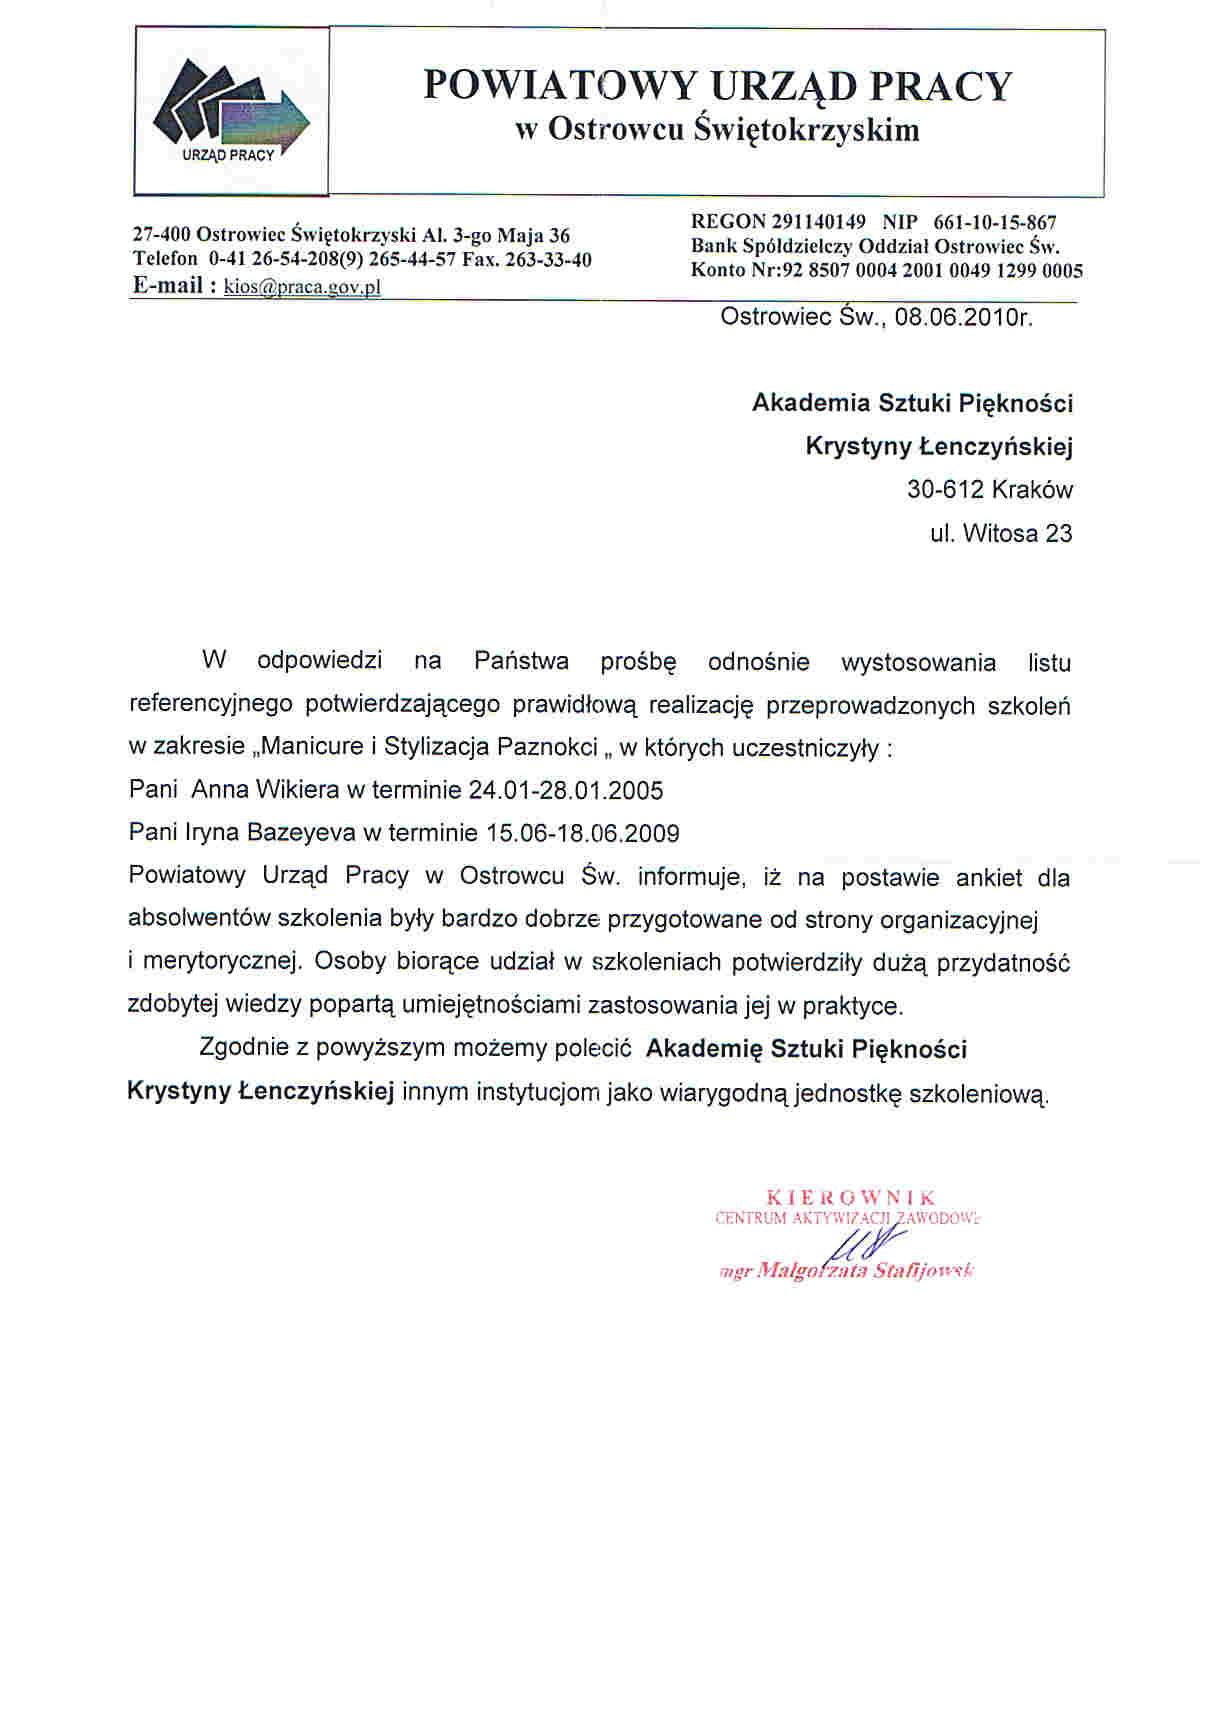 Powiatowy Urząd Pracy w Ostrowcu Świętokrzyskim-Ostrowiec Świętokrzyski